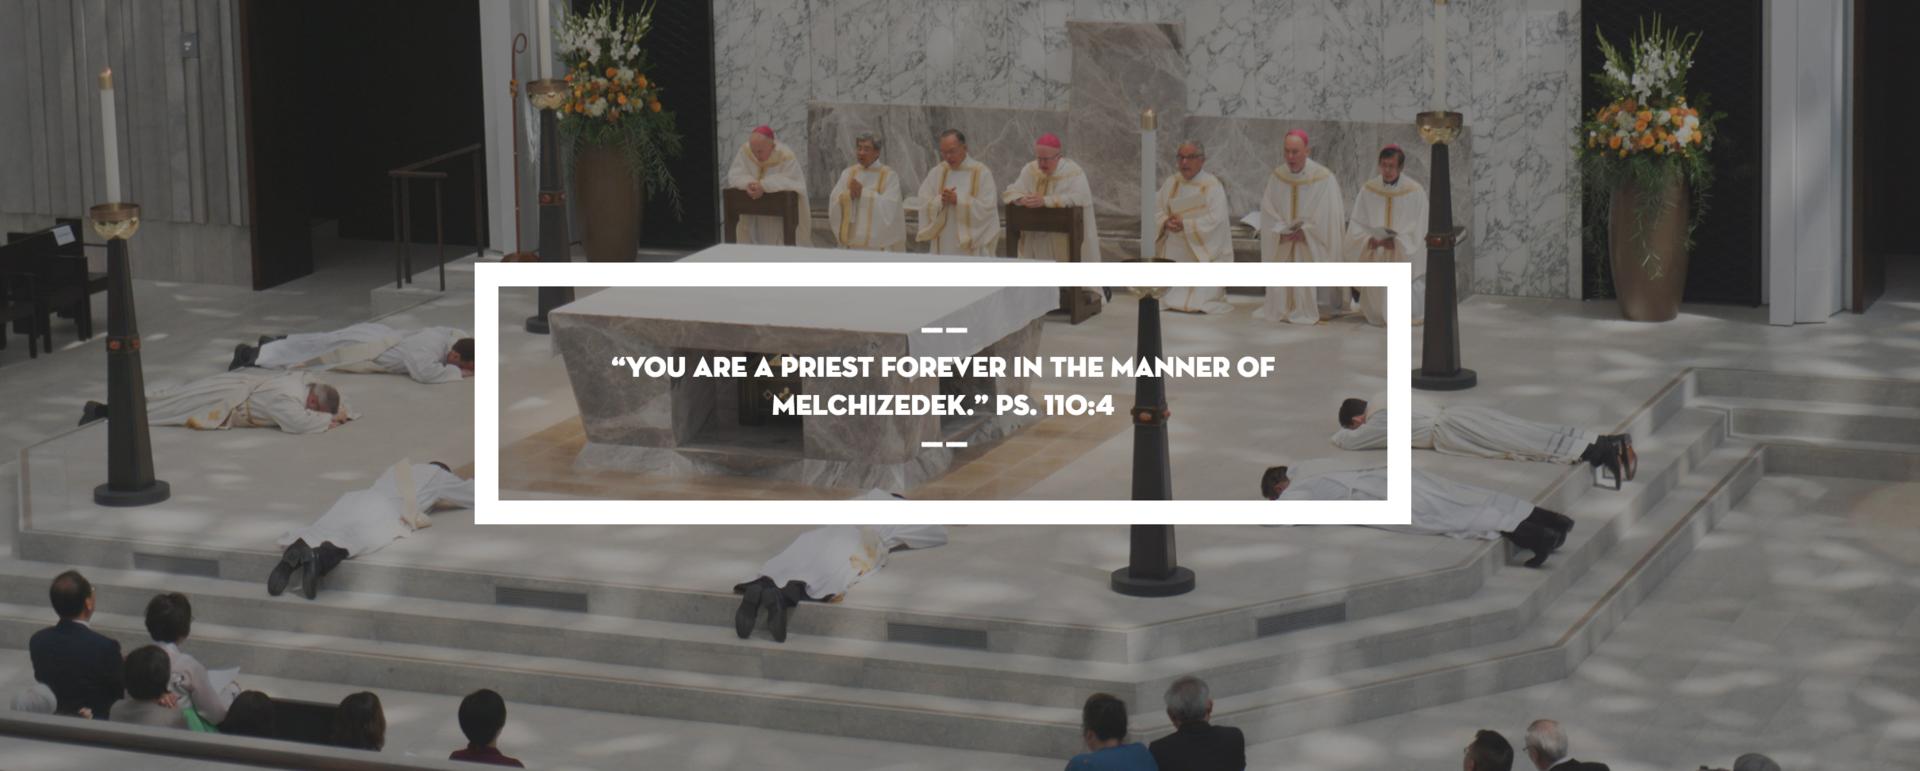 Holy order